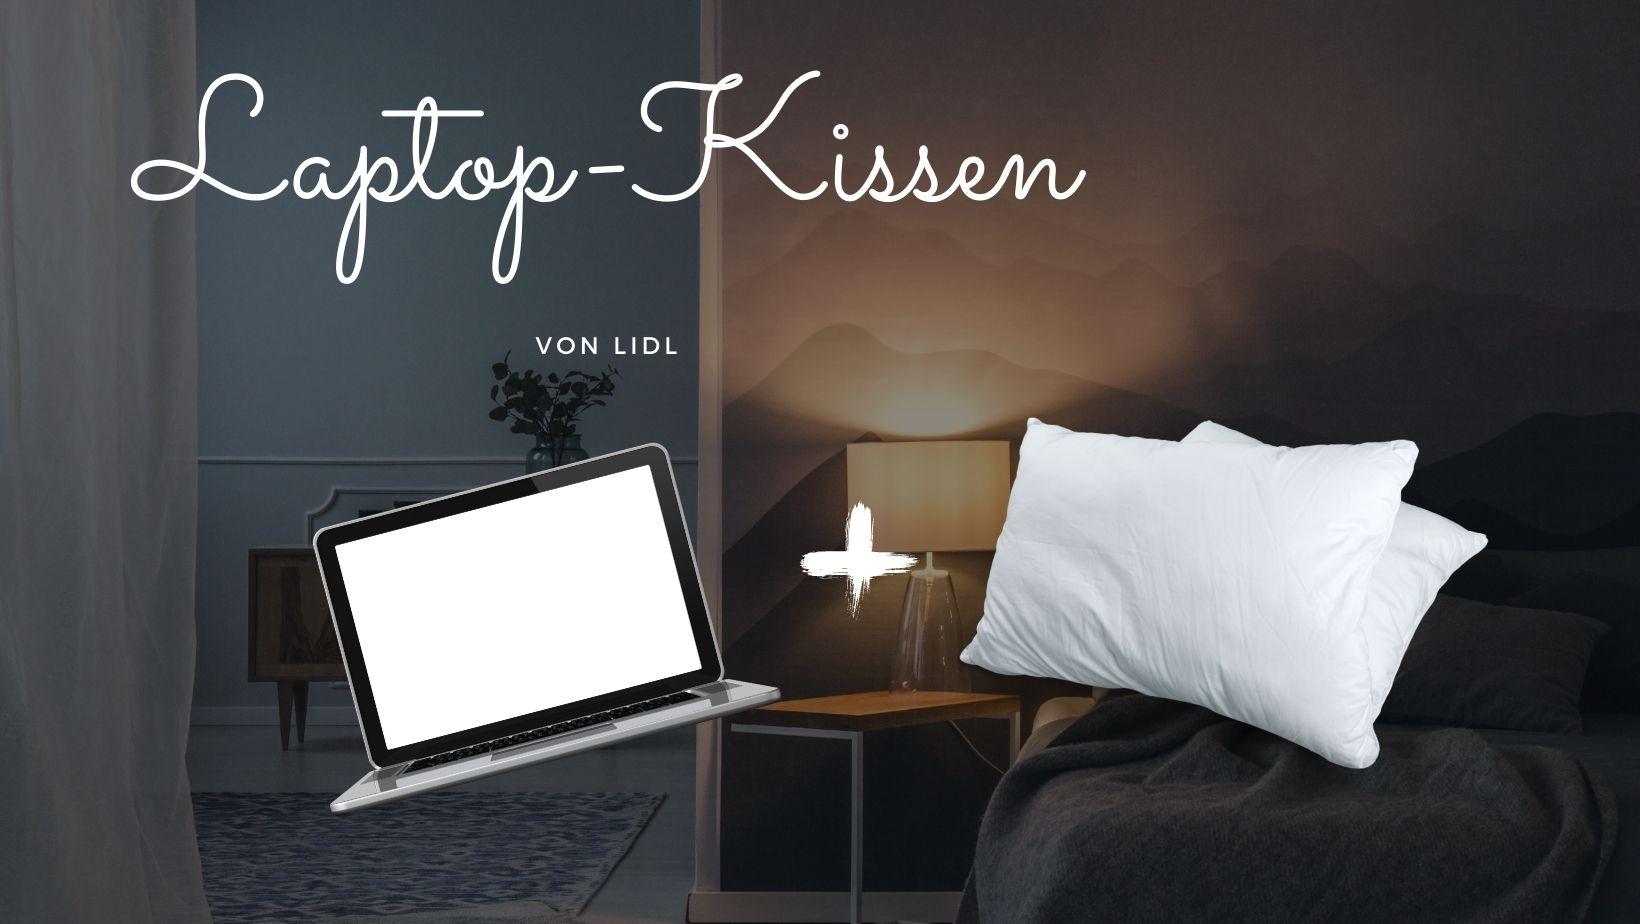 Laptop mit Kissen